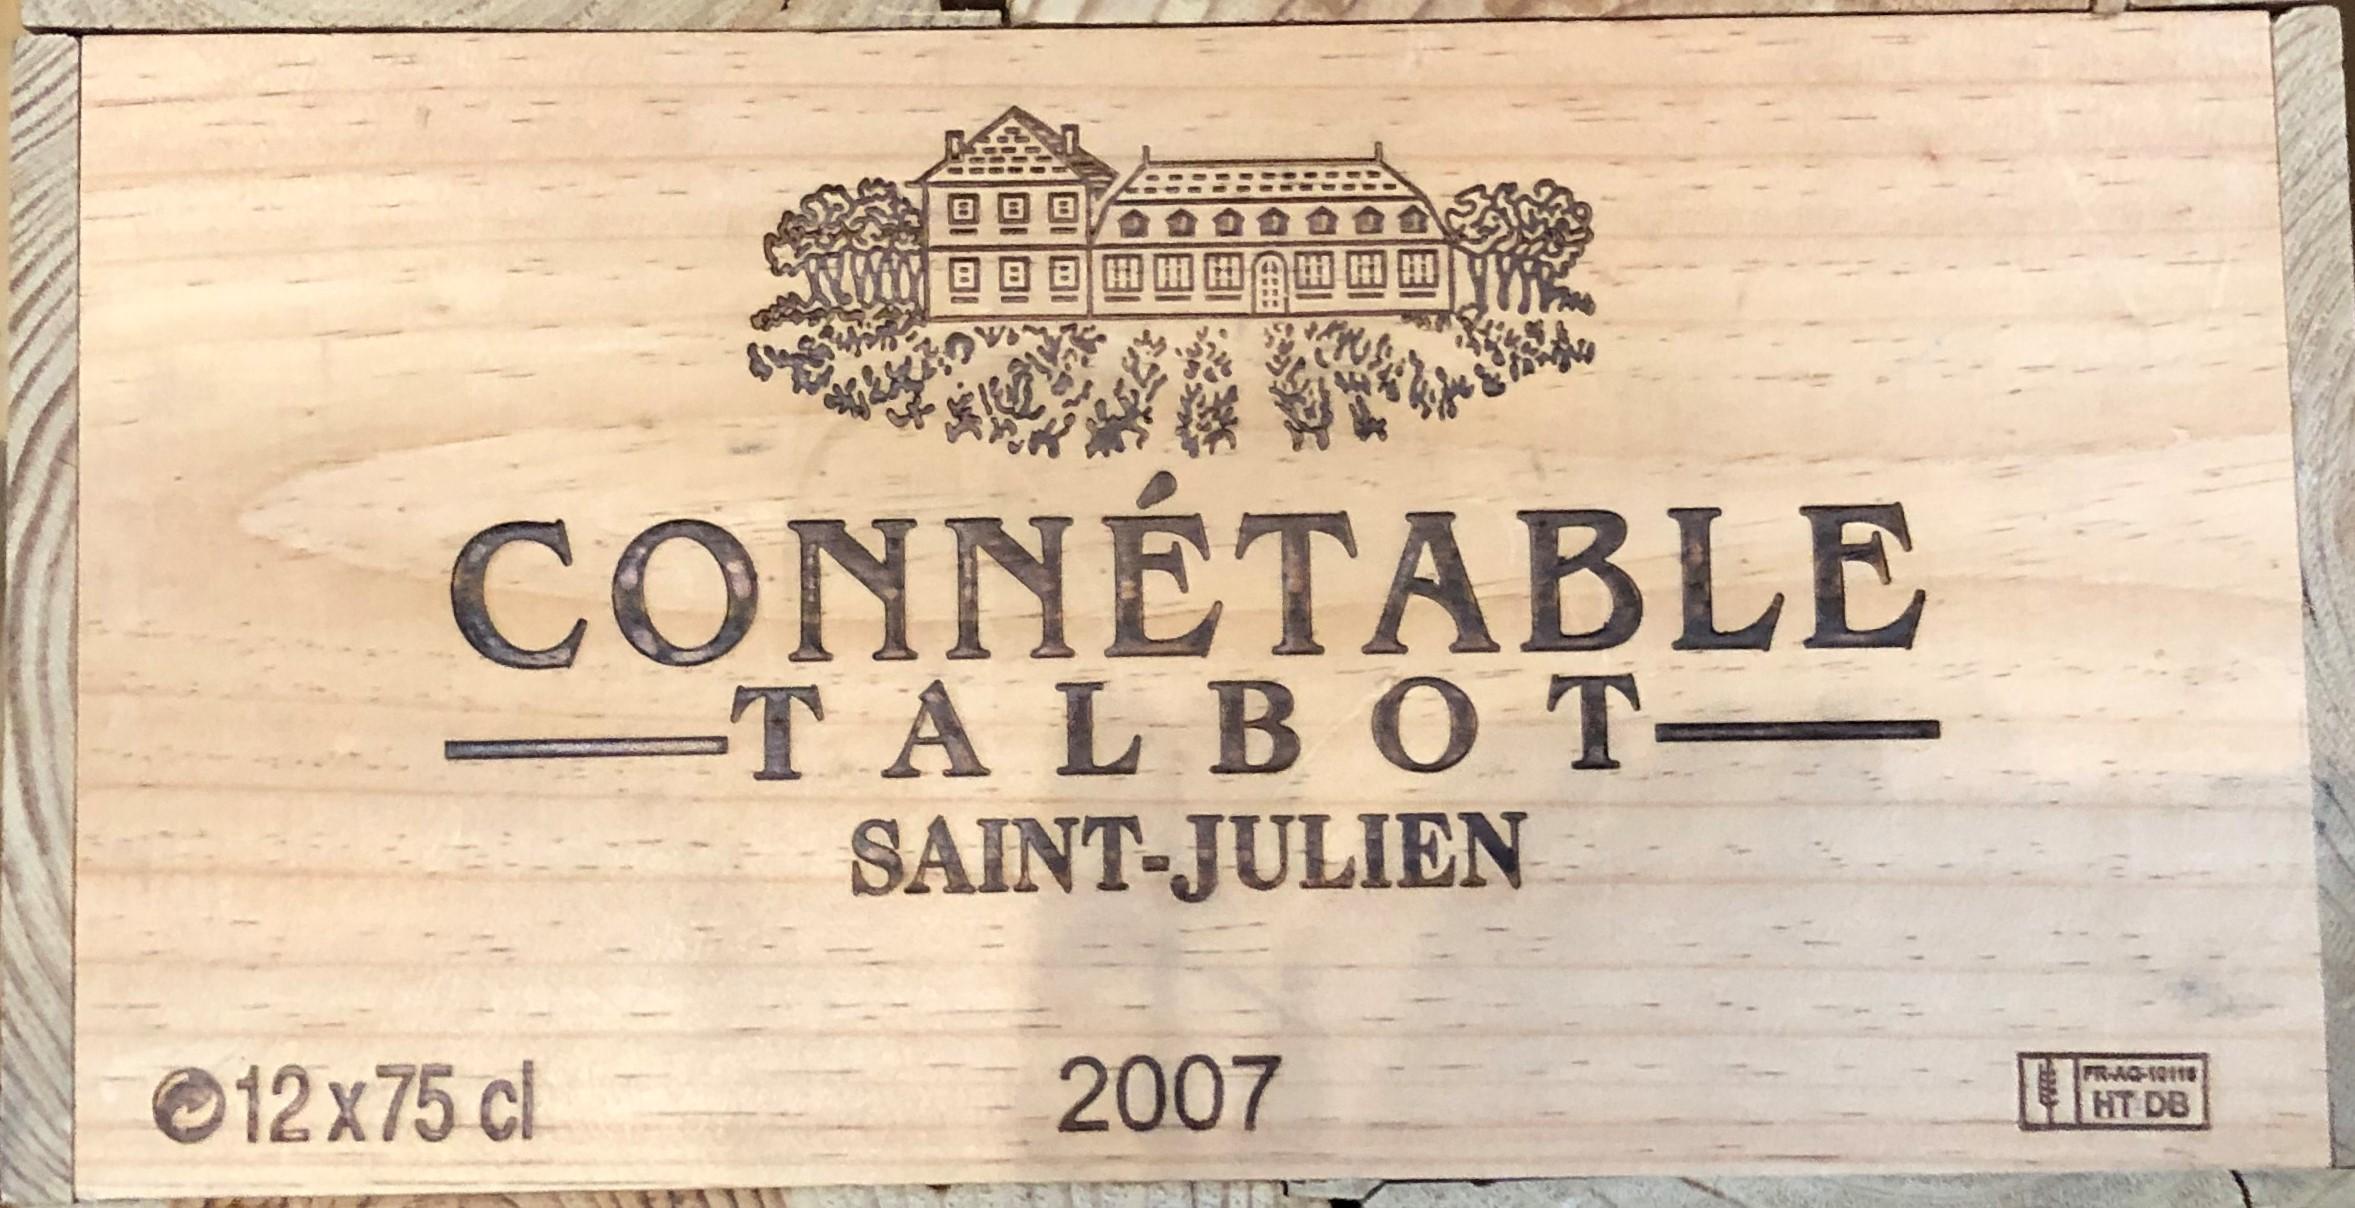 Lot 52 - 2007 Connetable de Talbot, St Julien, Bordeaux, France, 12 bottles